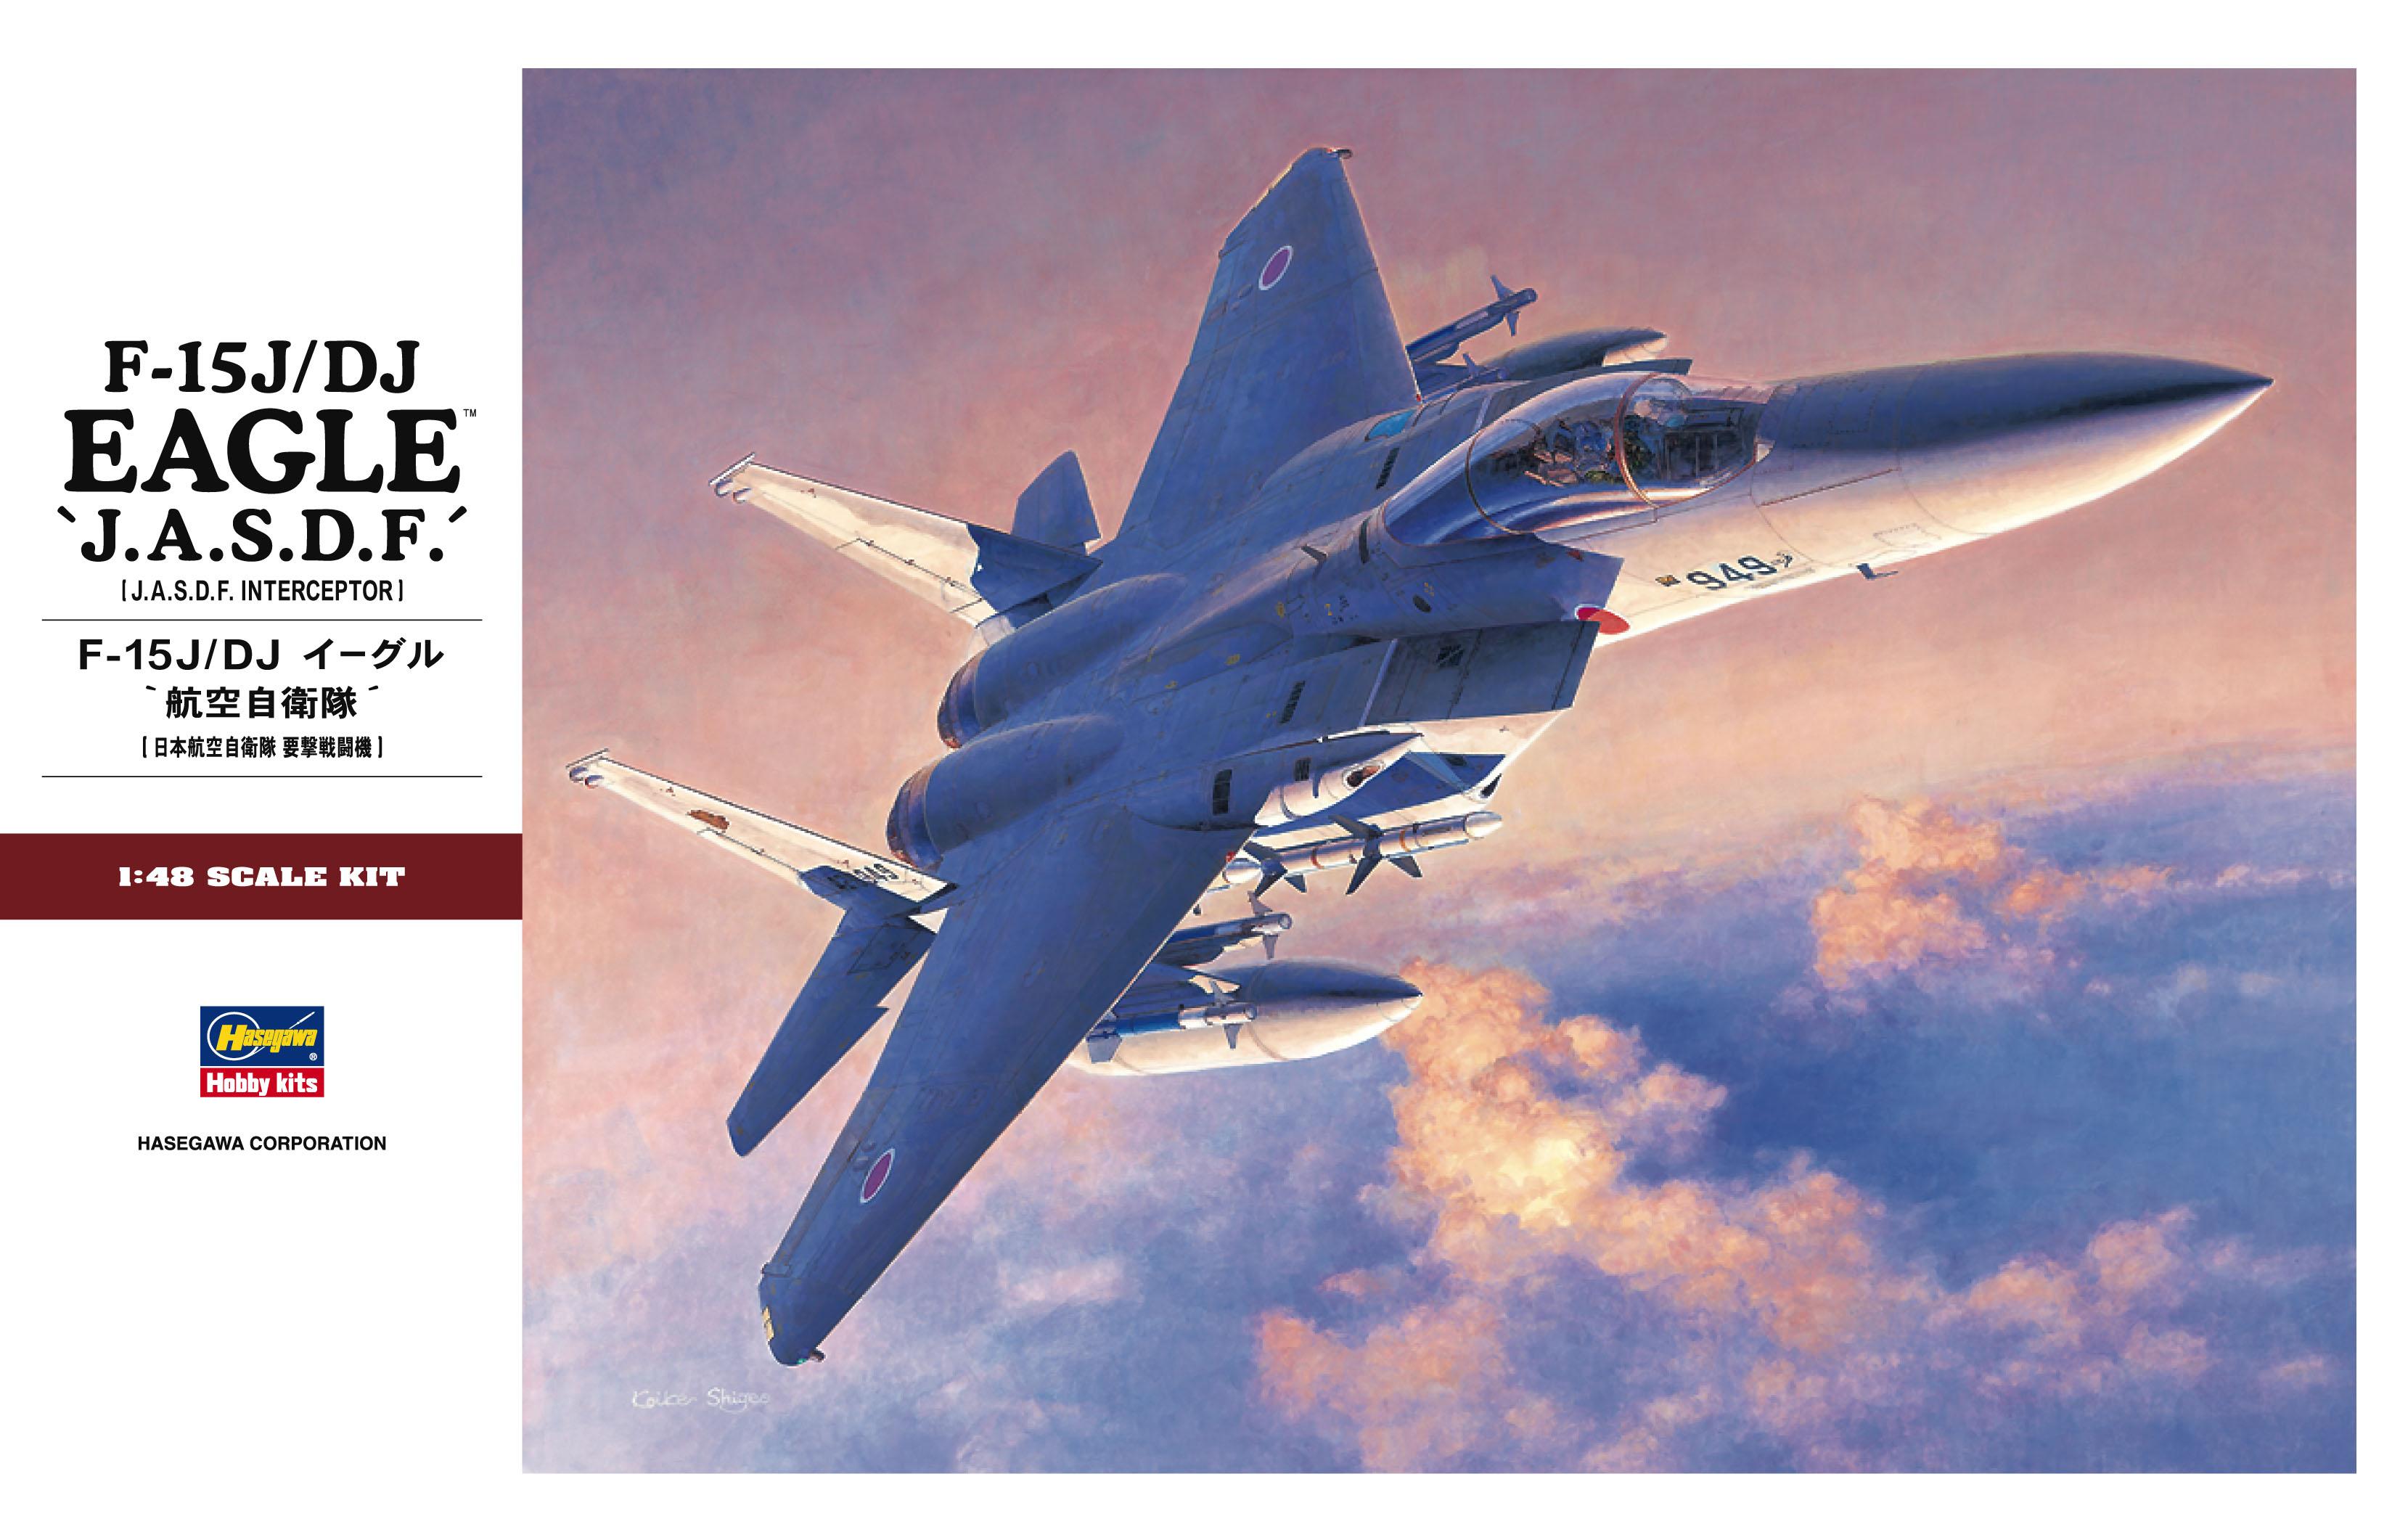 """Hasegawa F-15J/Dj Eagle """"J.A.S.D.F."""" PT51"""